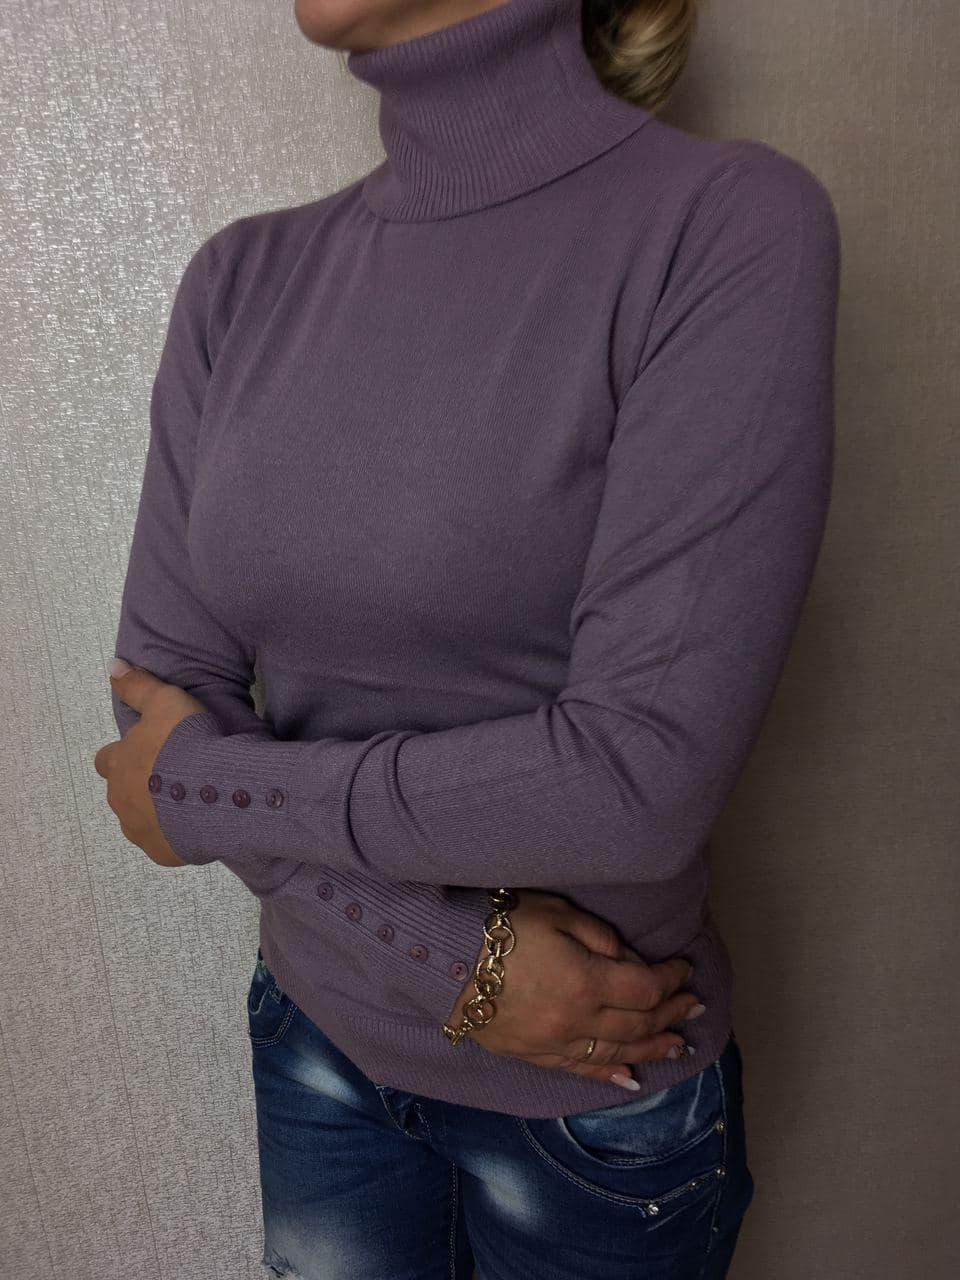 Водолазка женская сиреневая с пуговицами на рукавах